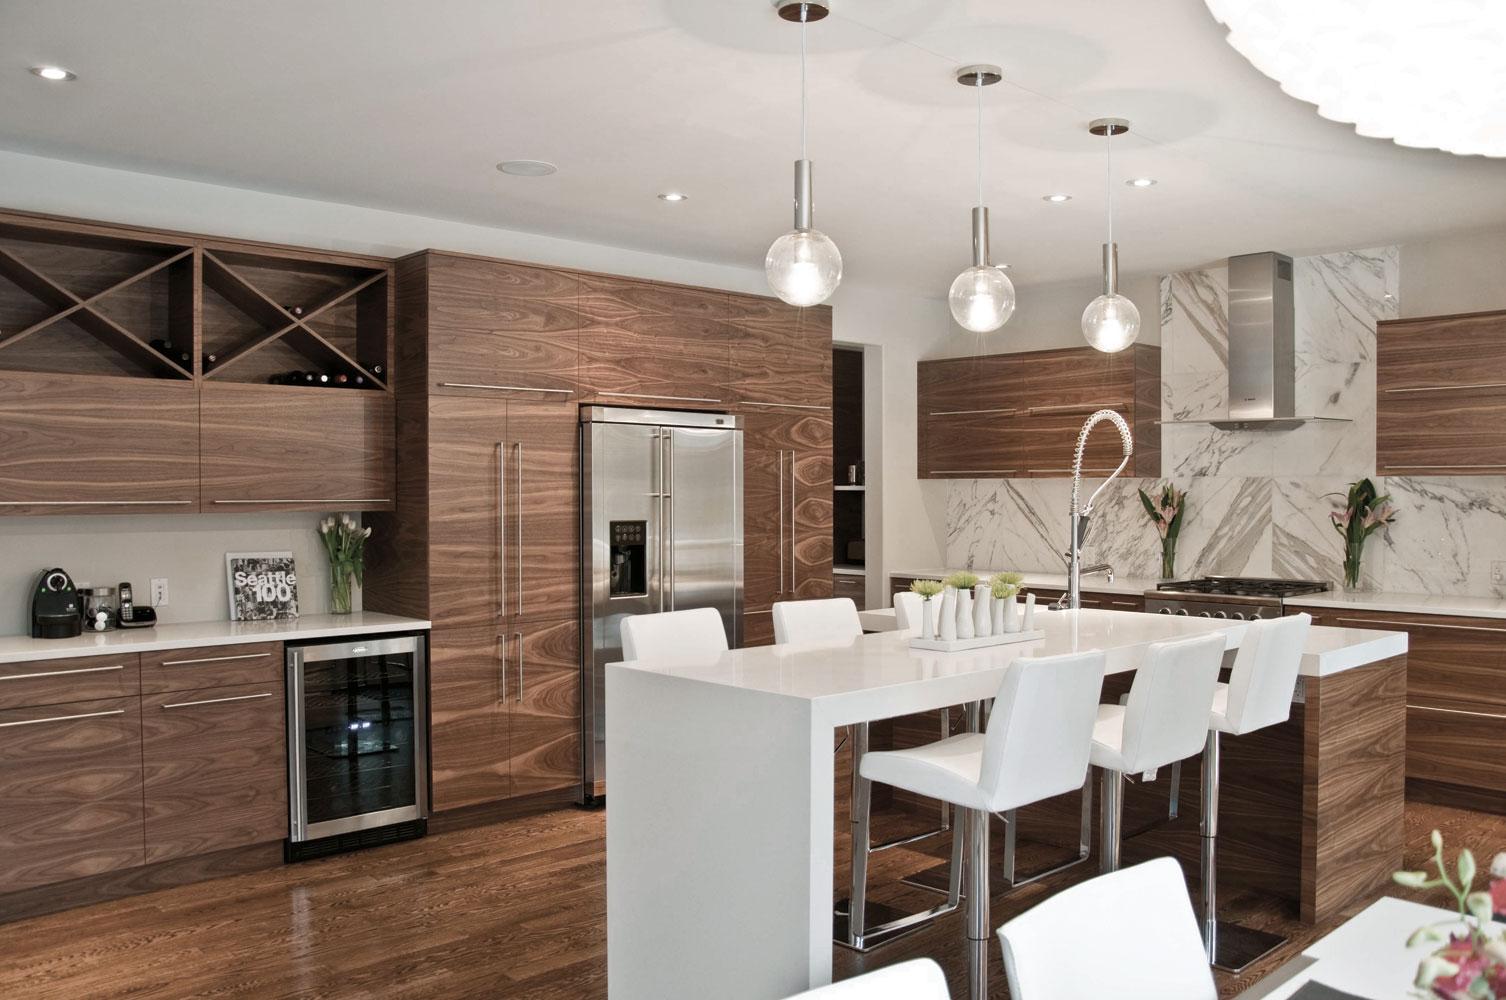 m10-decor-cuisine-ilot